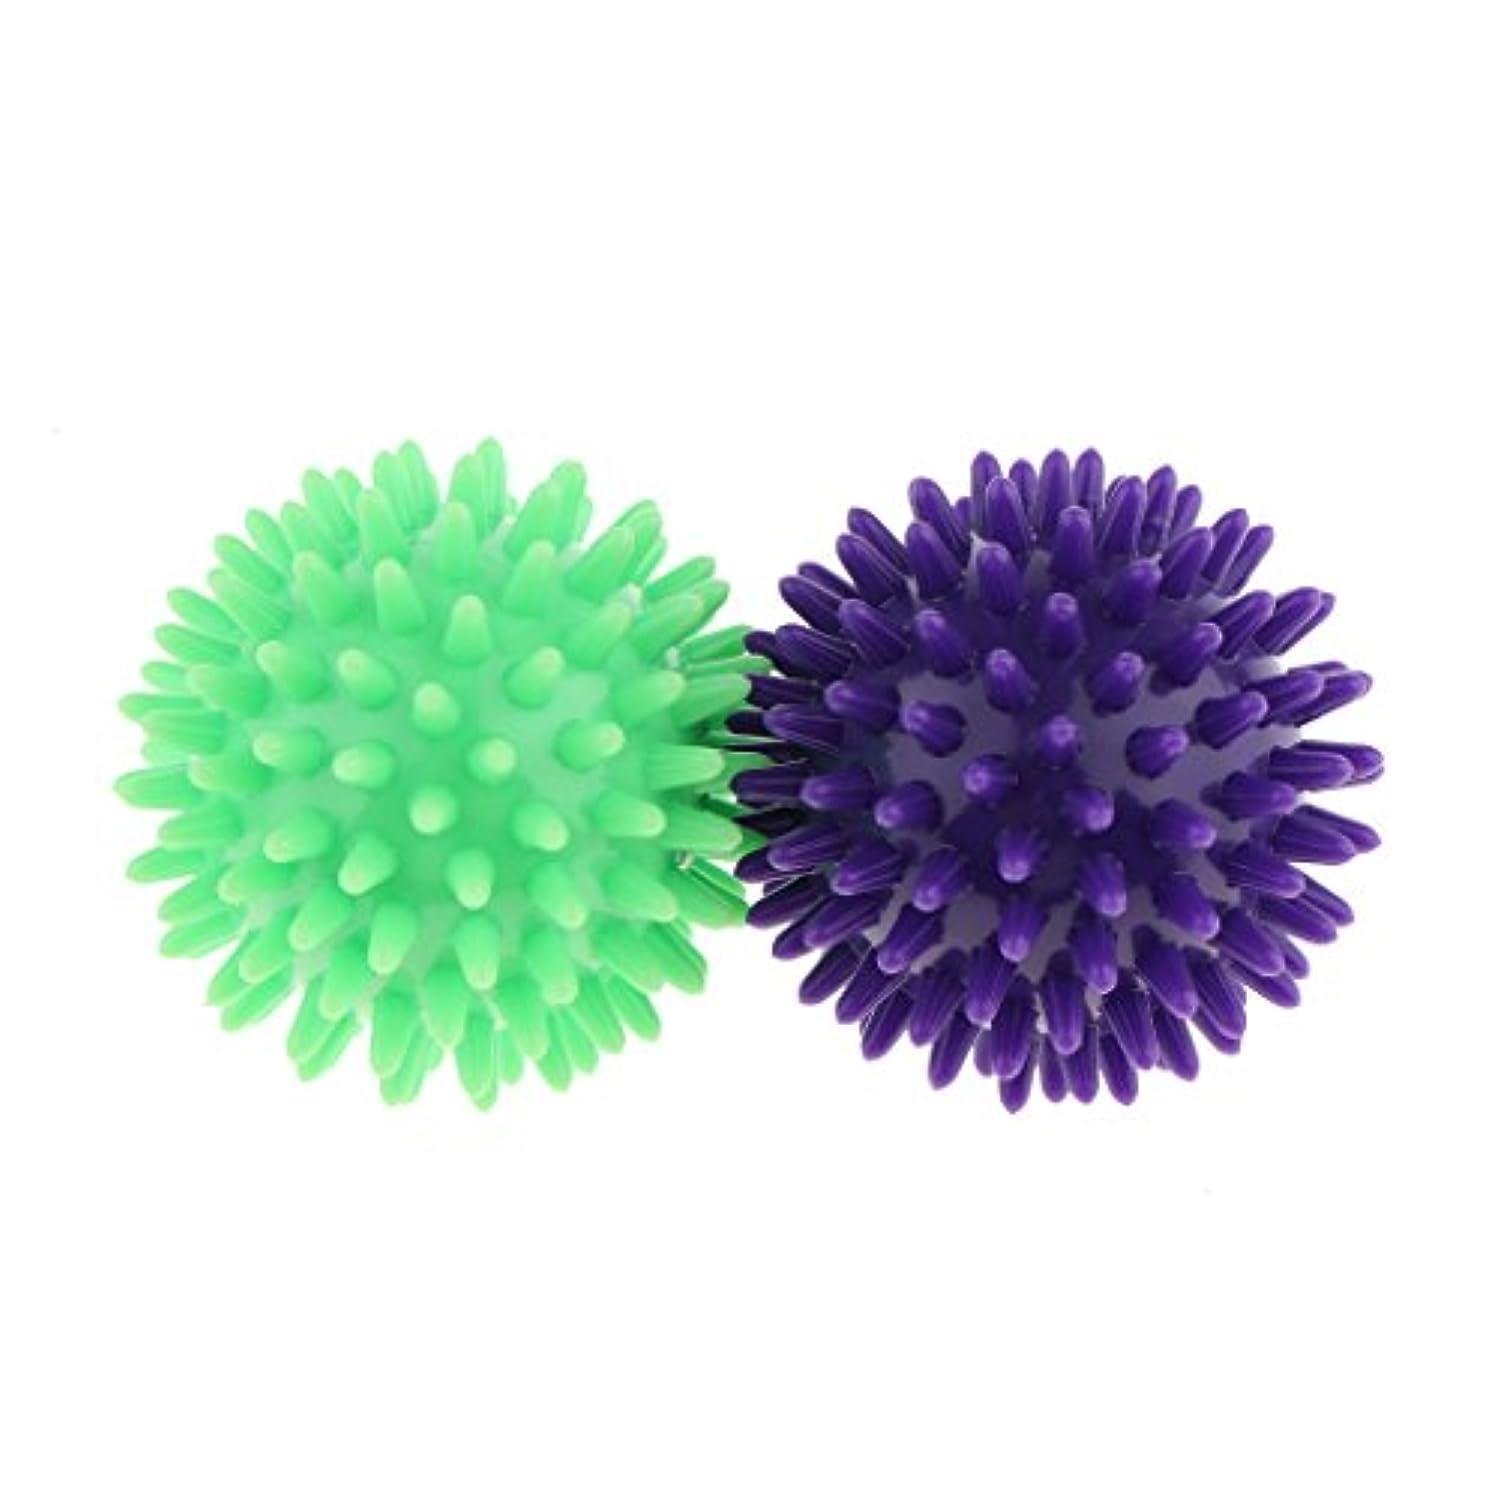 すりレッドデートサーキュレーションKesoto マッサージボール スパイシー マッサージ ボール ボディトリガー ポイント 2個セット 3タイプ選べ - 紫ライトグリーン